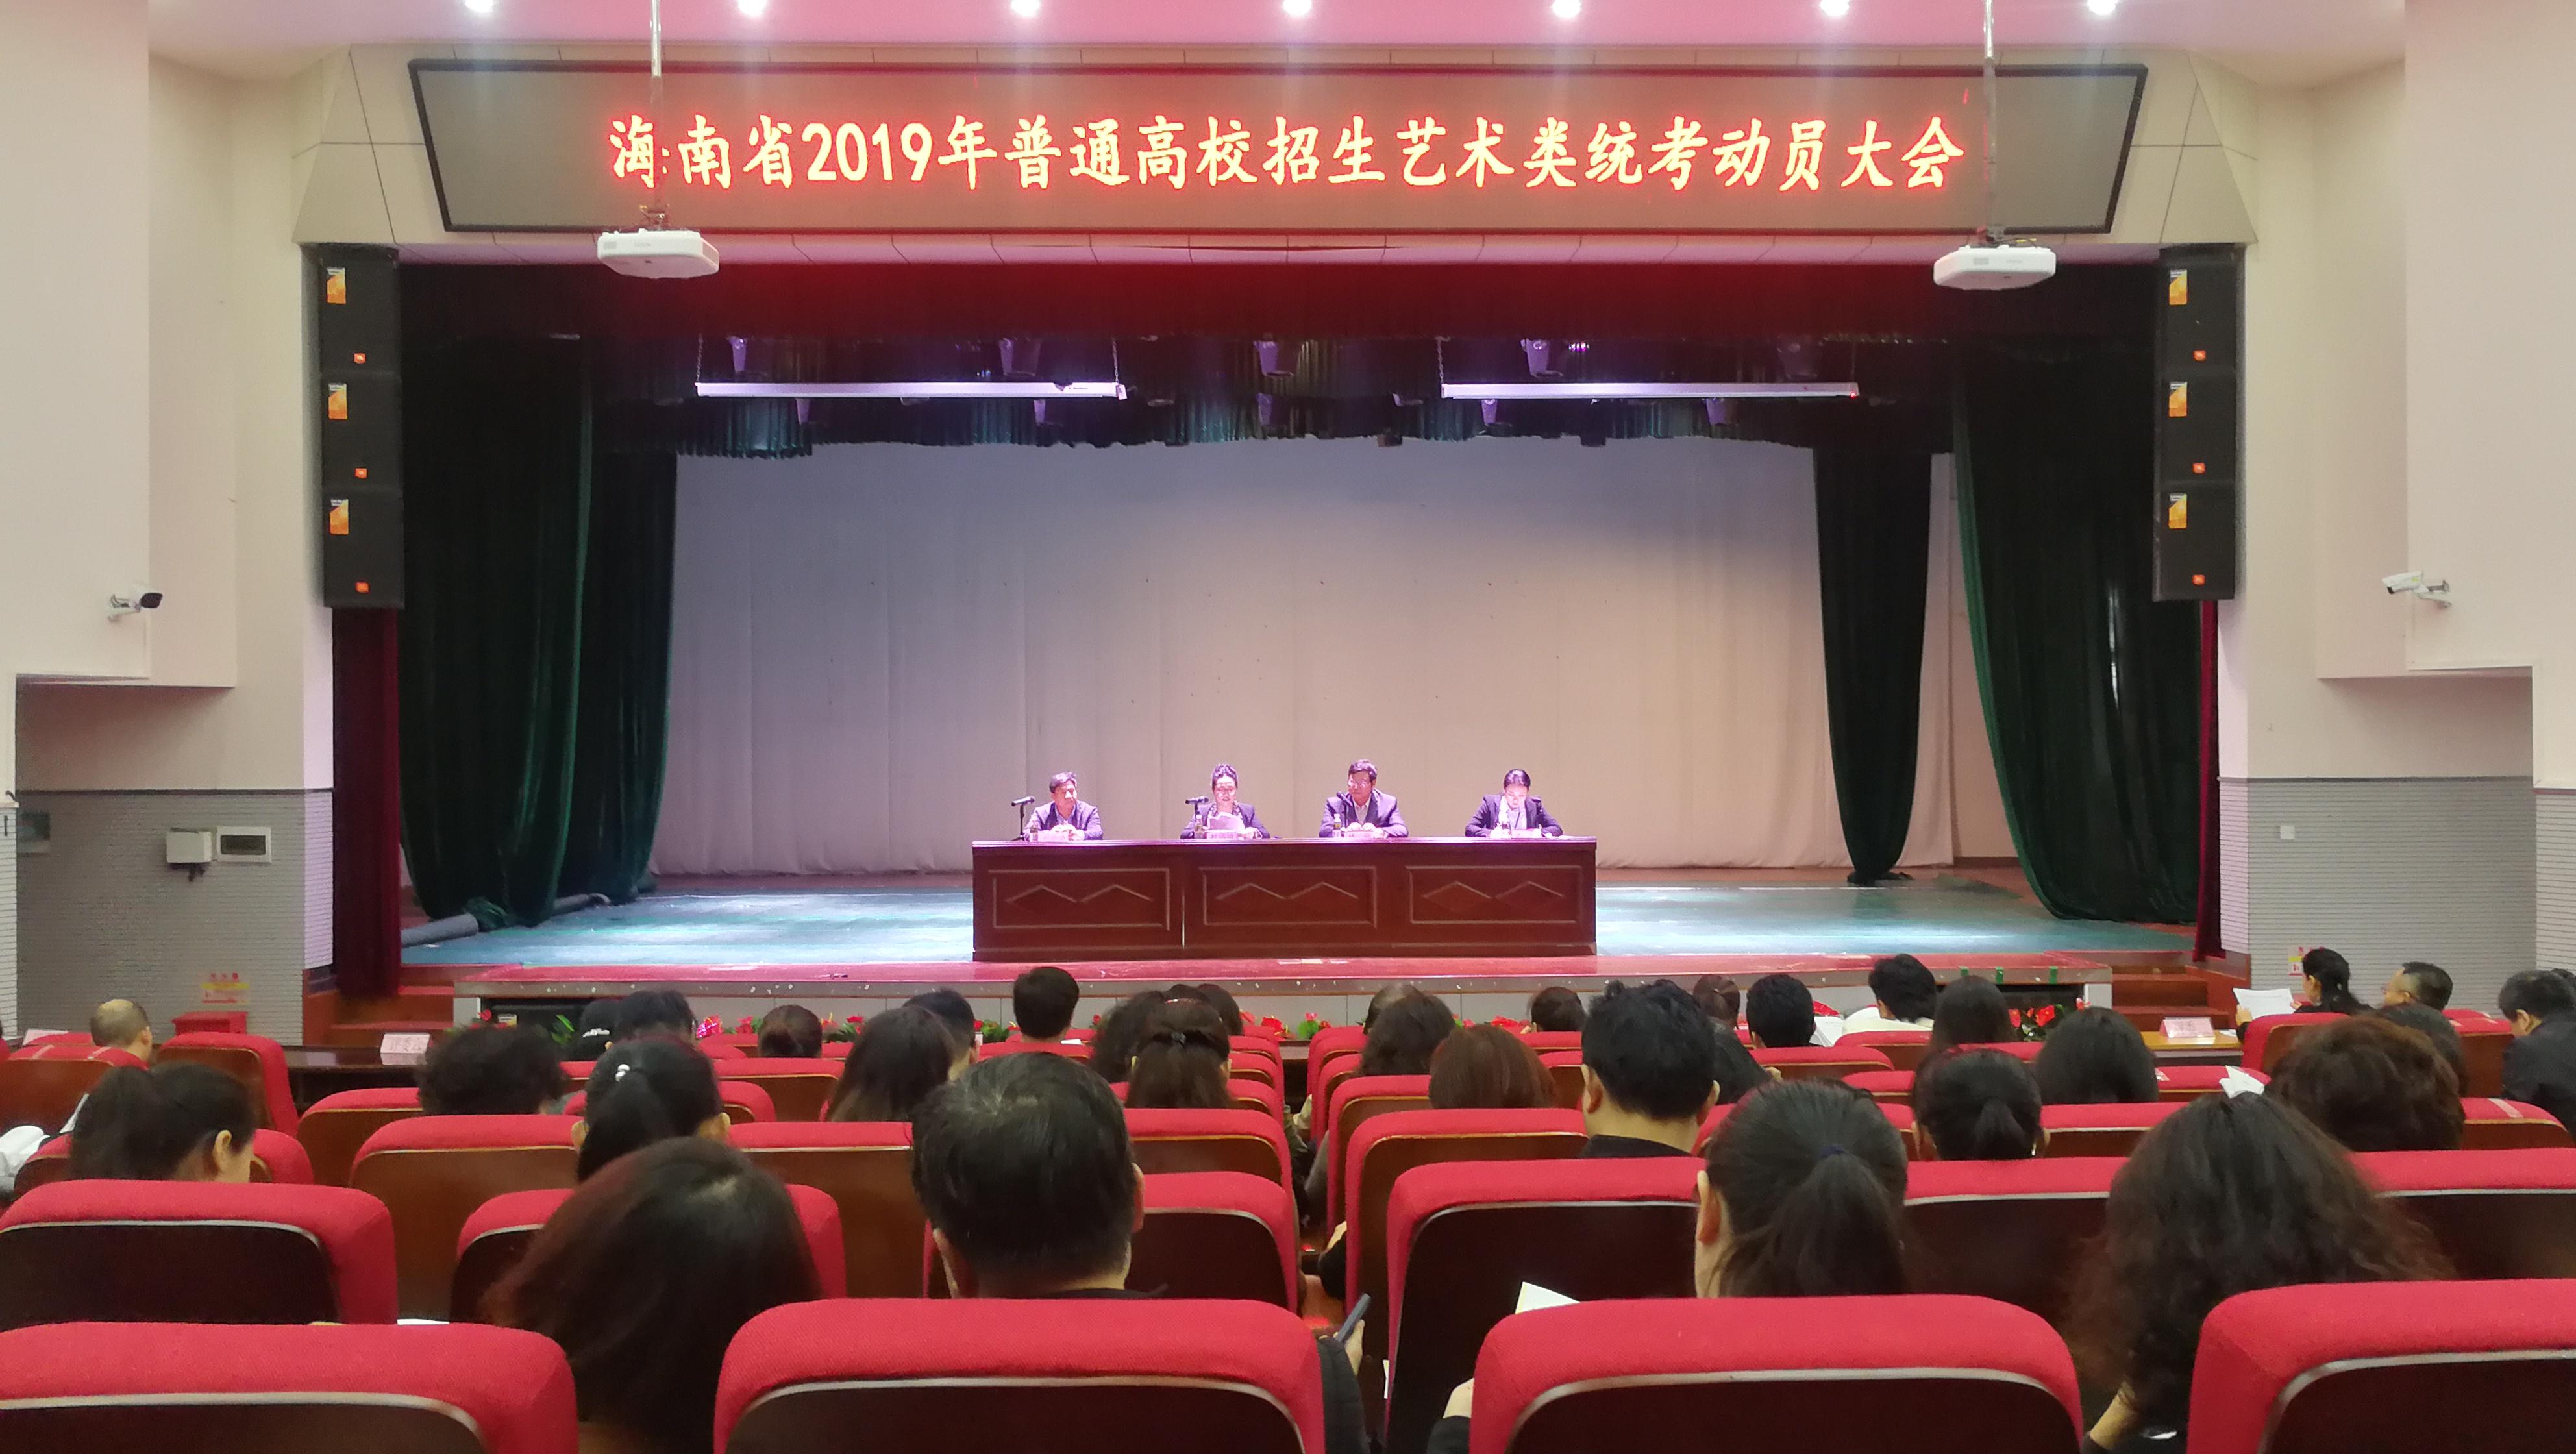 海南省2019年普通高校招生艺术类统考在我校举行